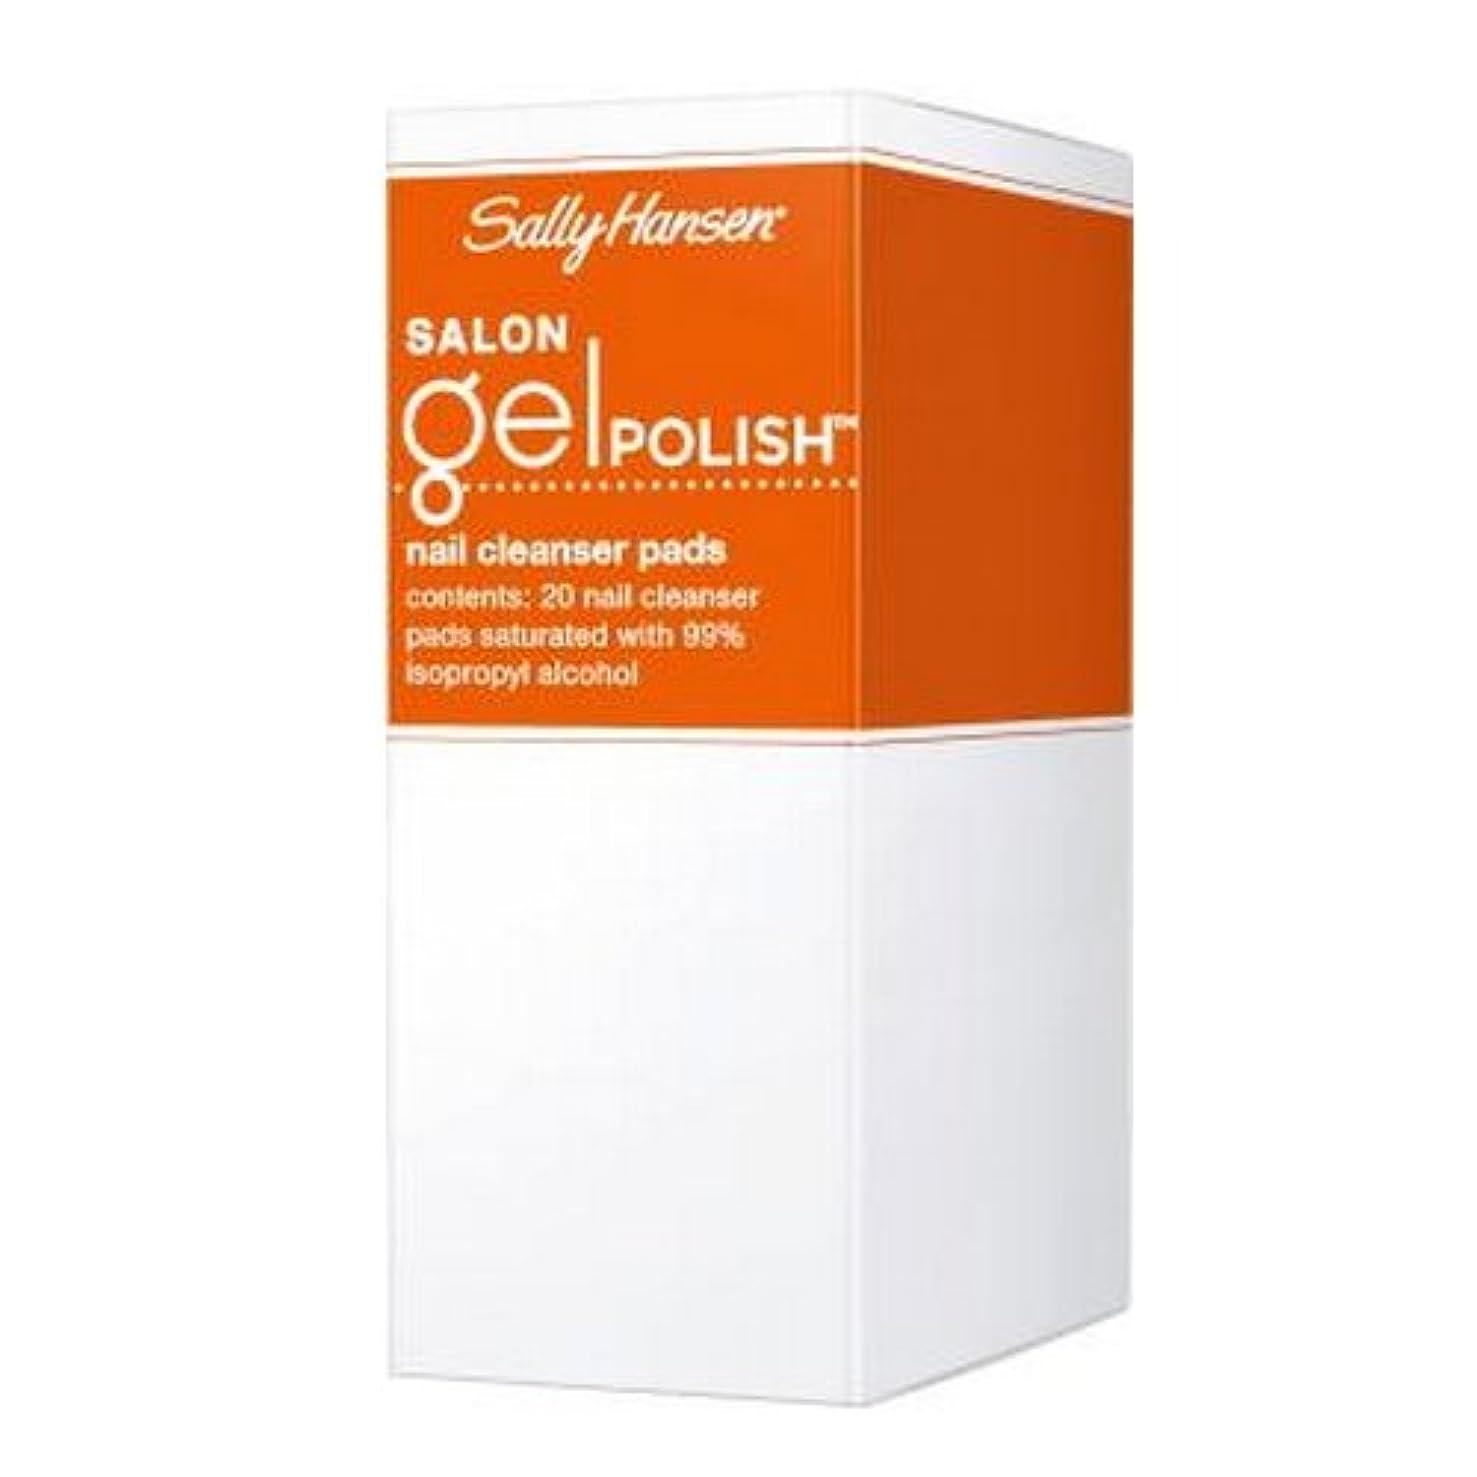 高層ビル操縦する裁判所SALLY HANSEN Salon Gel Polish Nail Cleanser Pads - Gel Polish Cleanser Pads (並行輸入品)